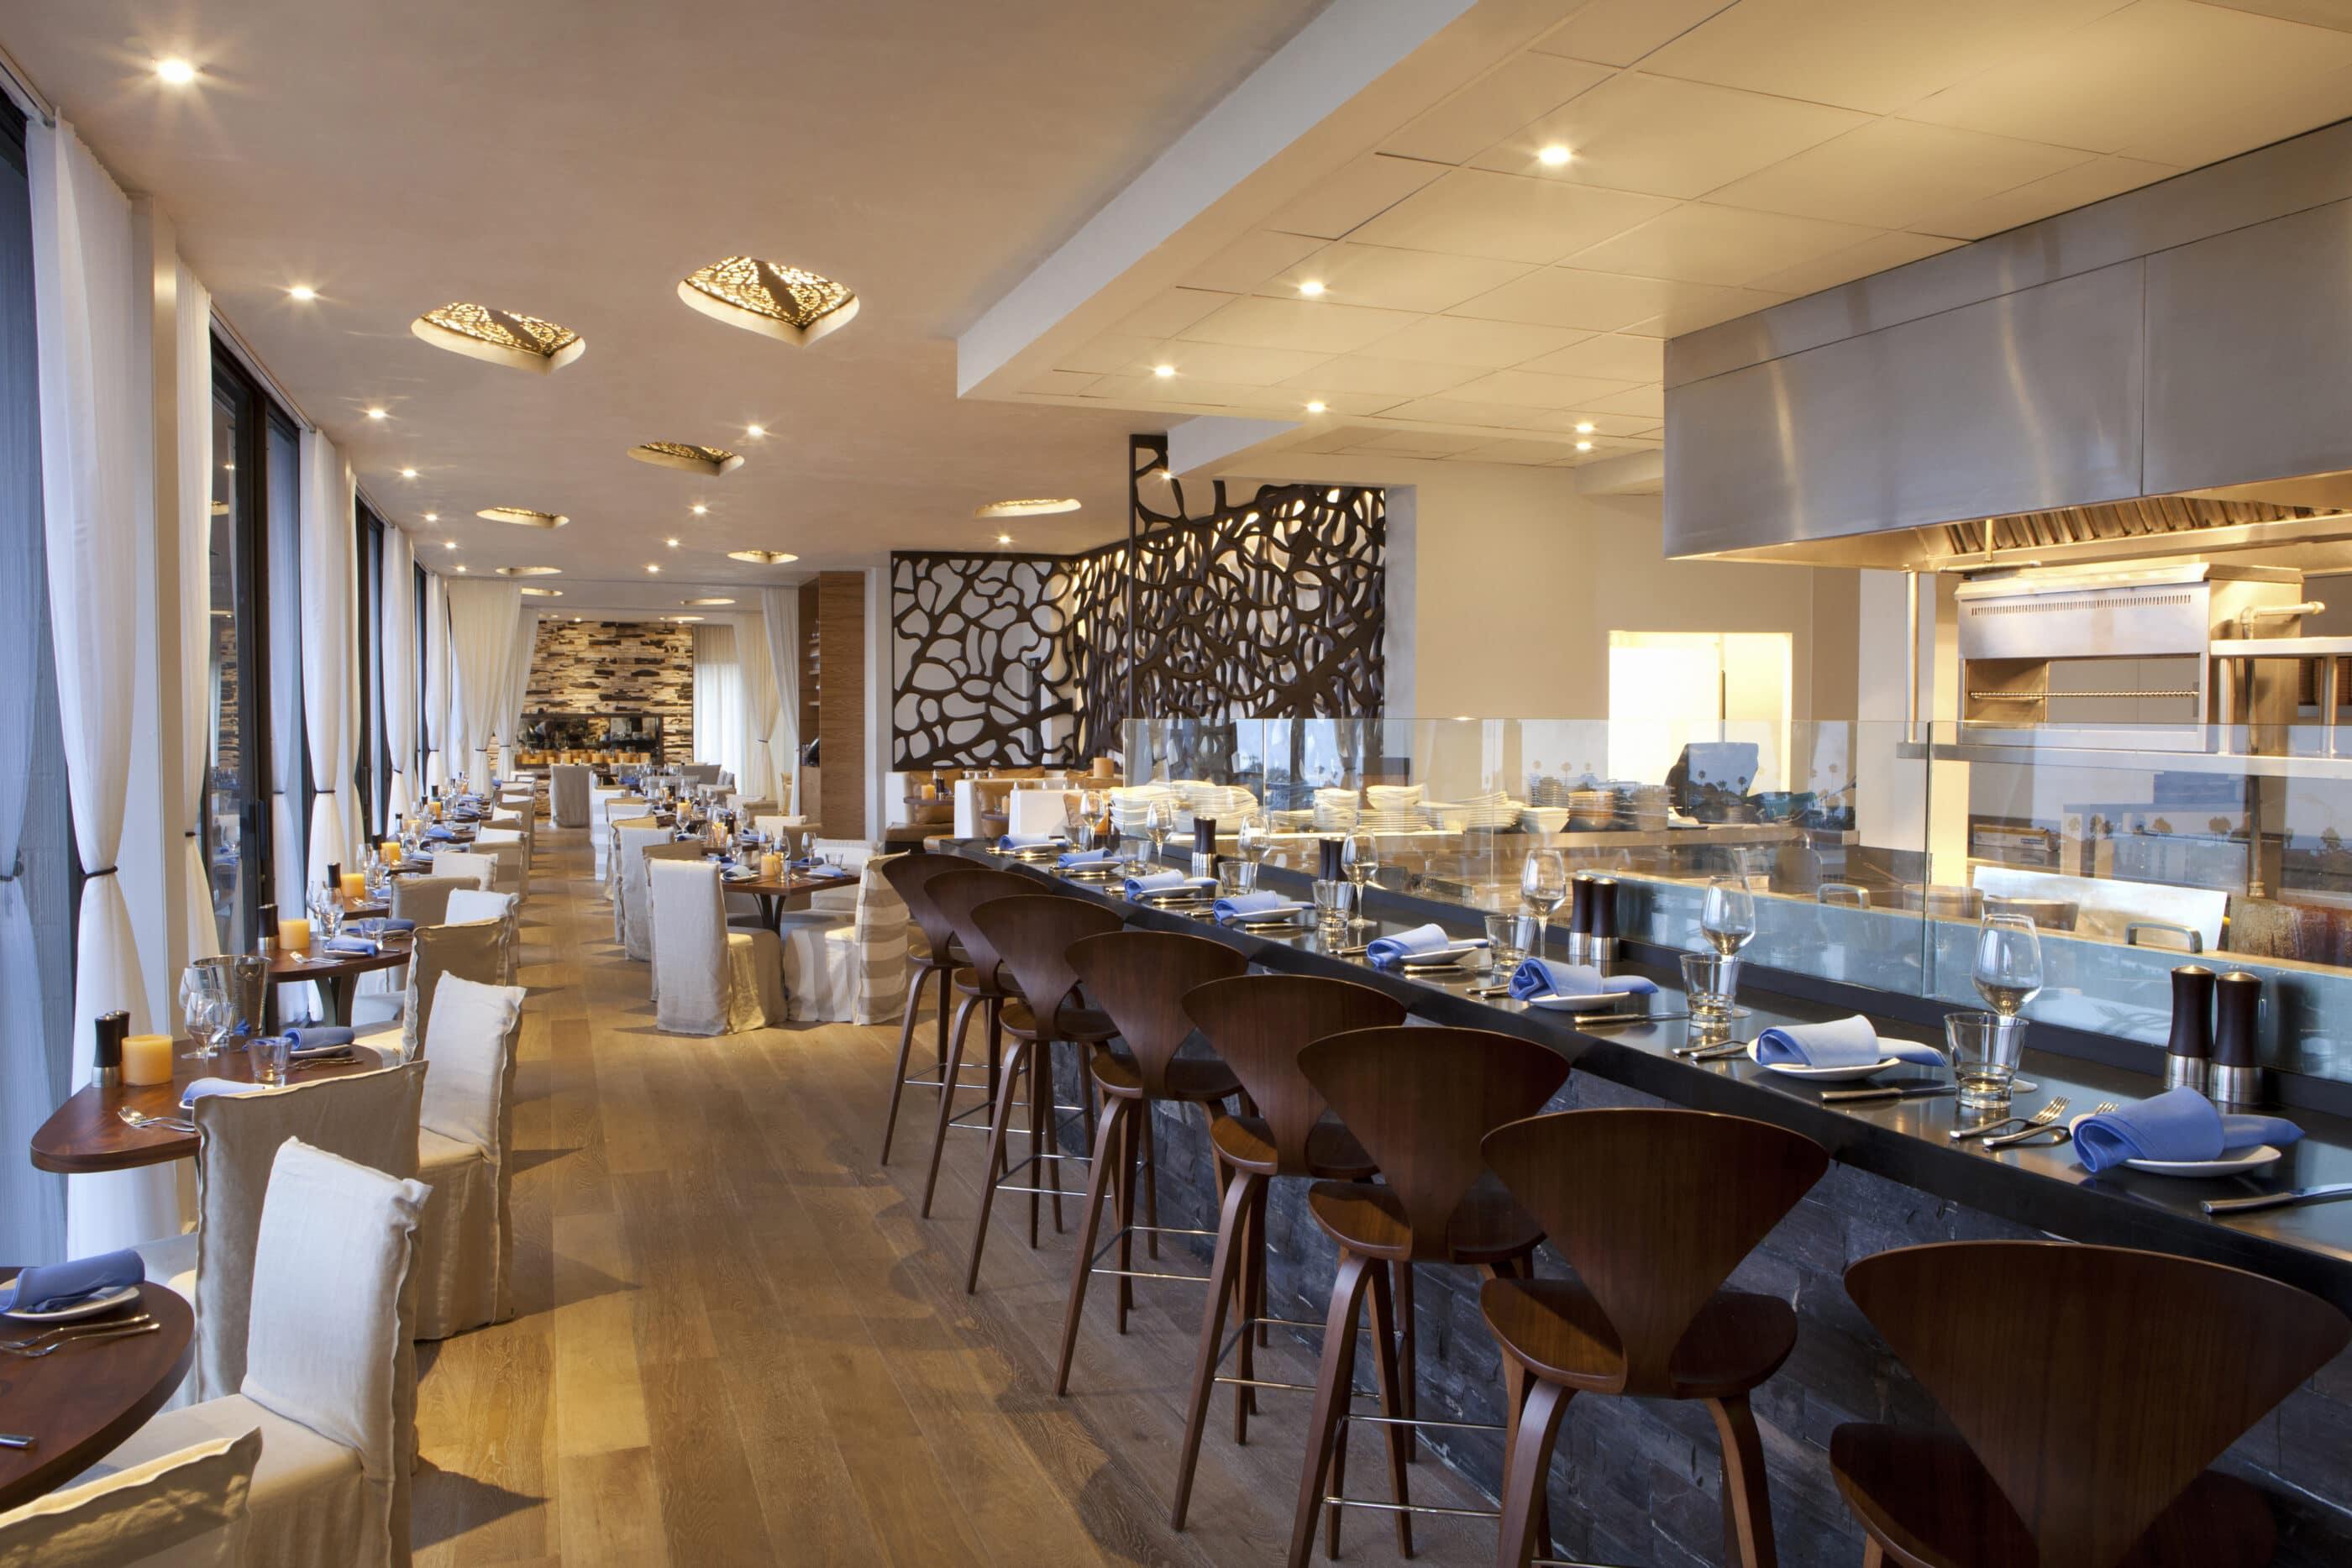 CUSP Dining and Drinks restaurant interior inside Hotel La Jolla